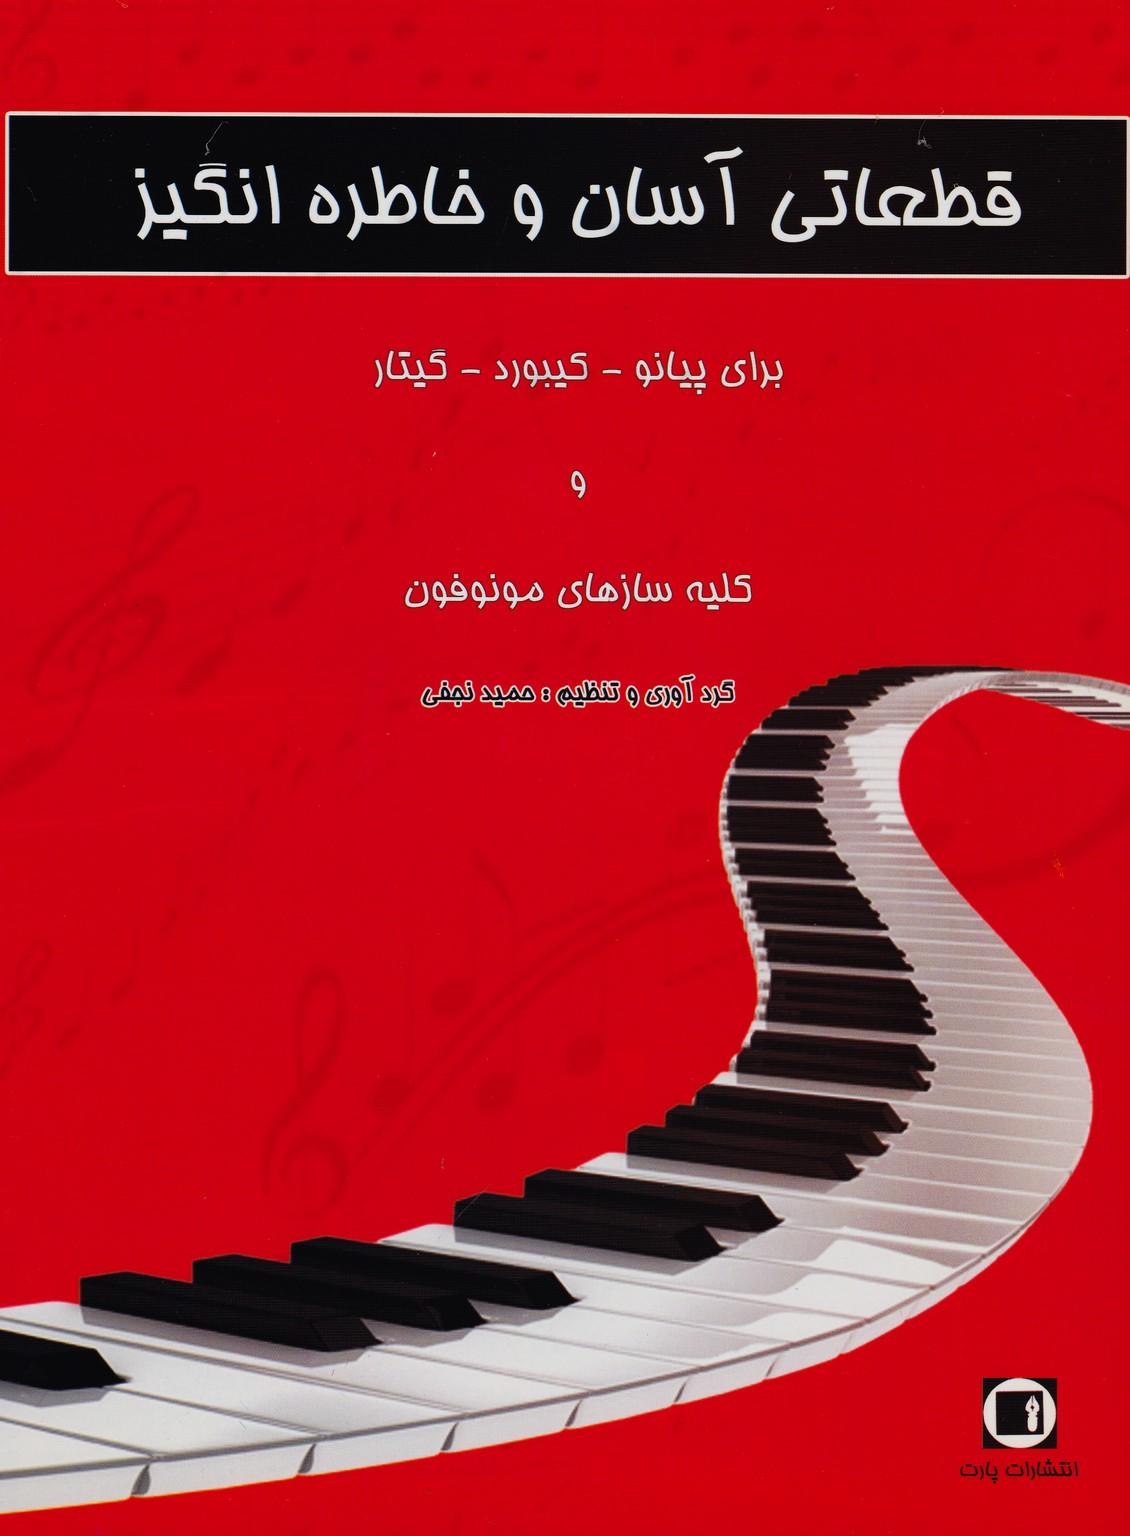 قطعاتی آسان و خاطره انگیز برای پیانو , کیبورد , گیتار و کلیه سازهای مونوفون